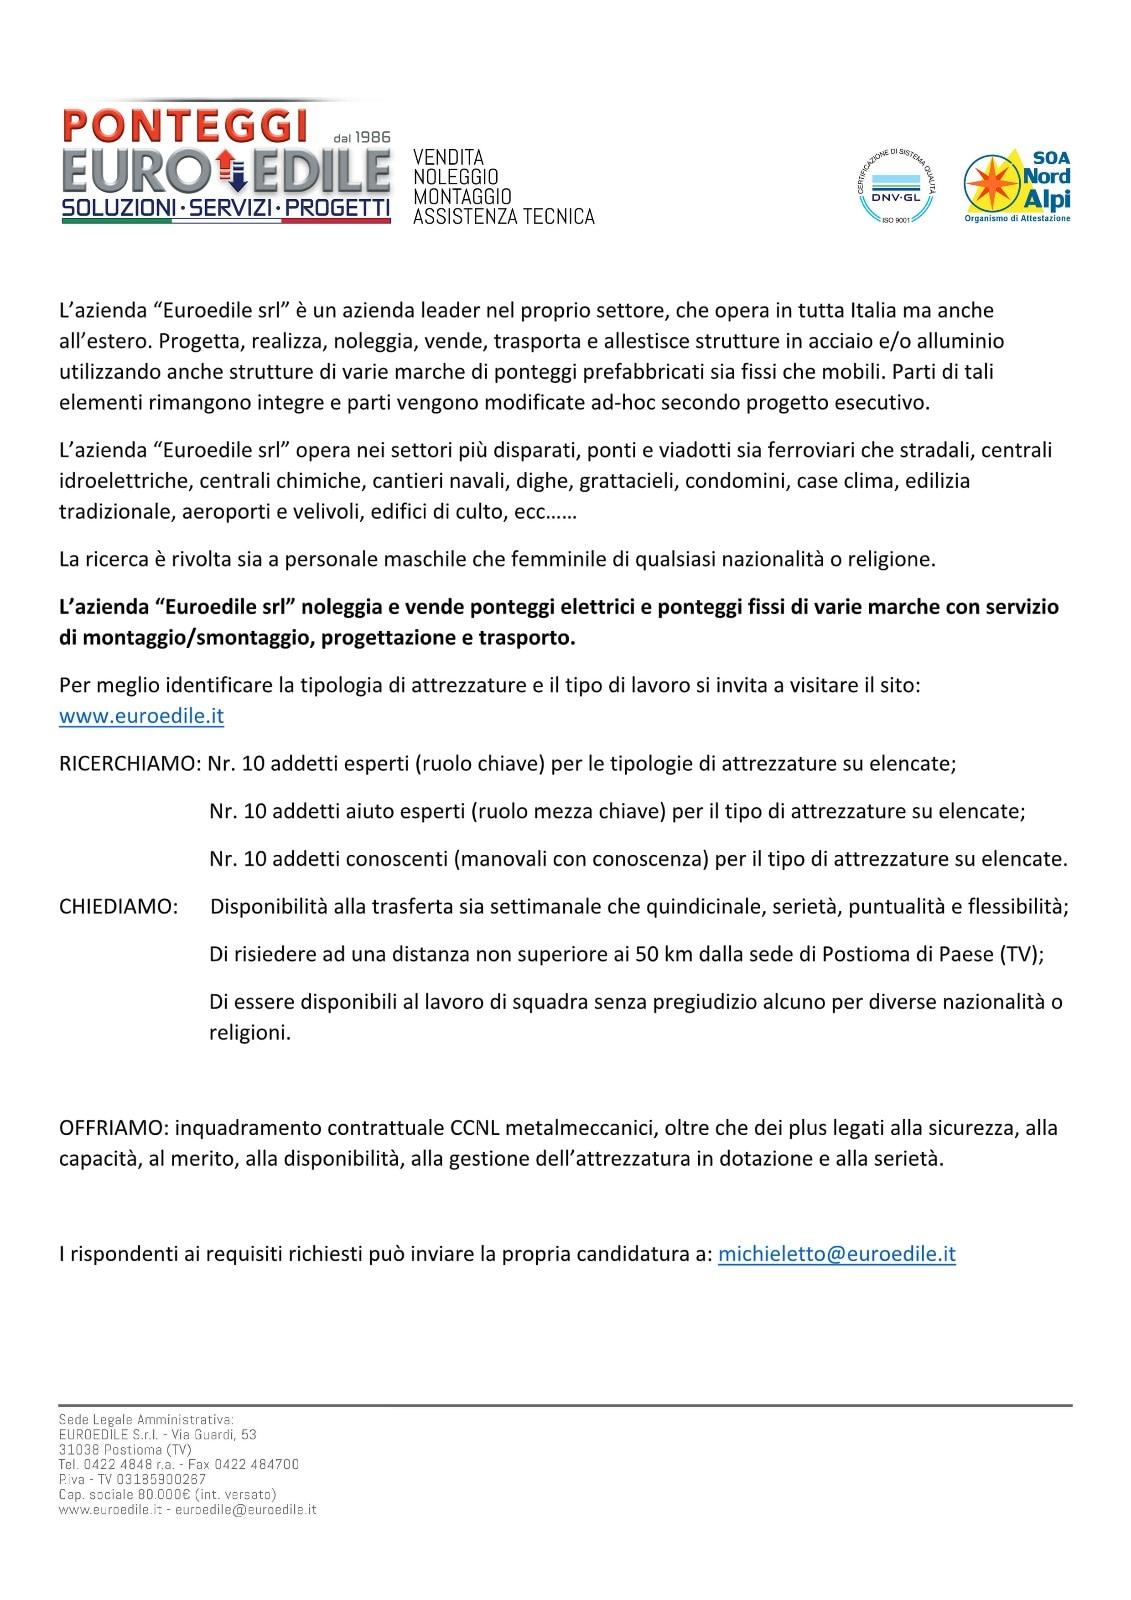 Lettera di ricerca personale postata da Euroedile il giorno gennaio nella propria pagina FB-2